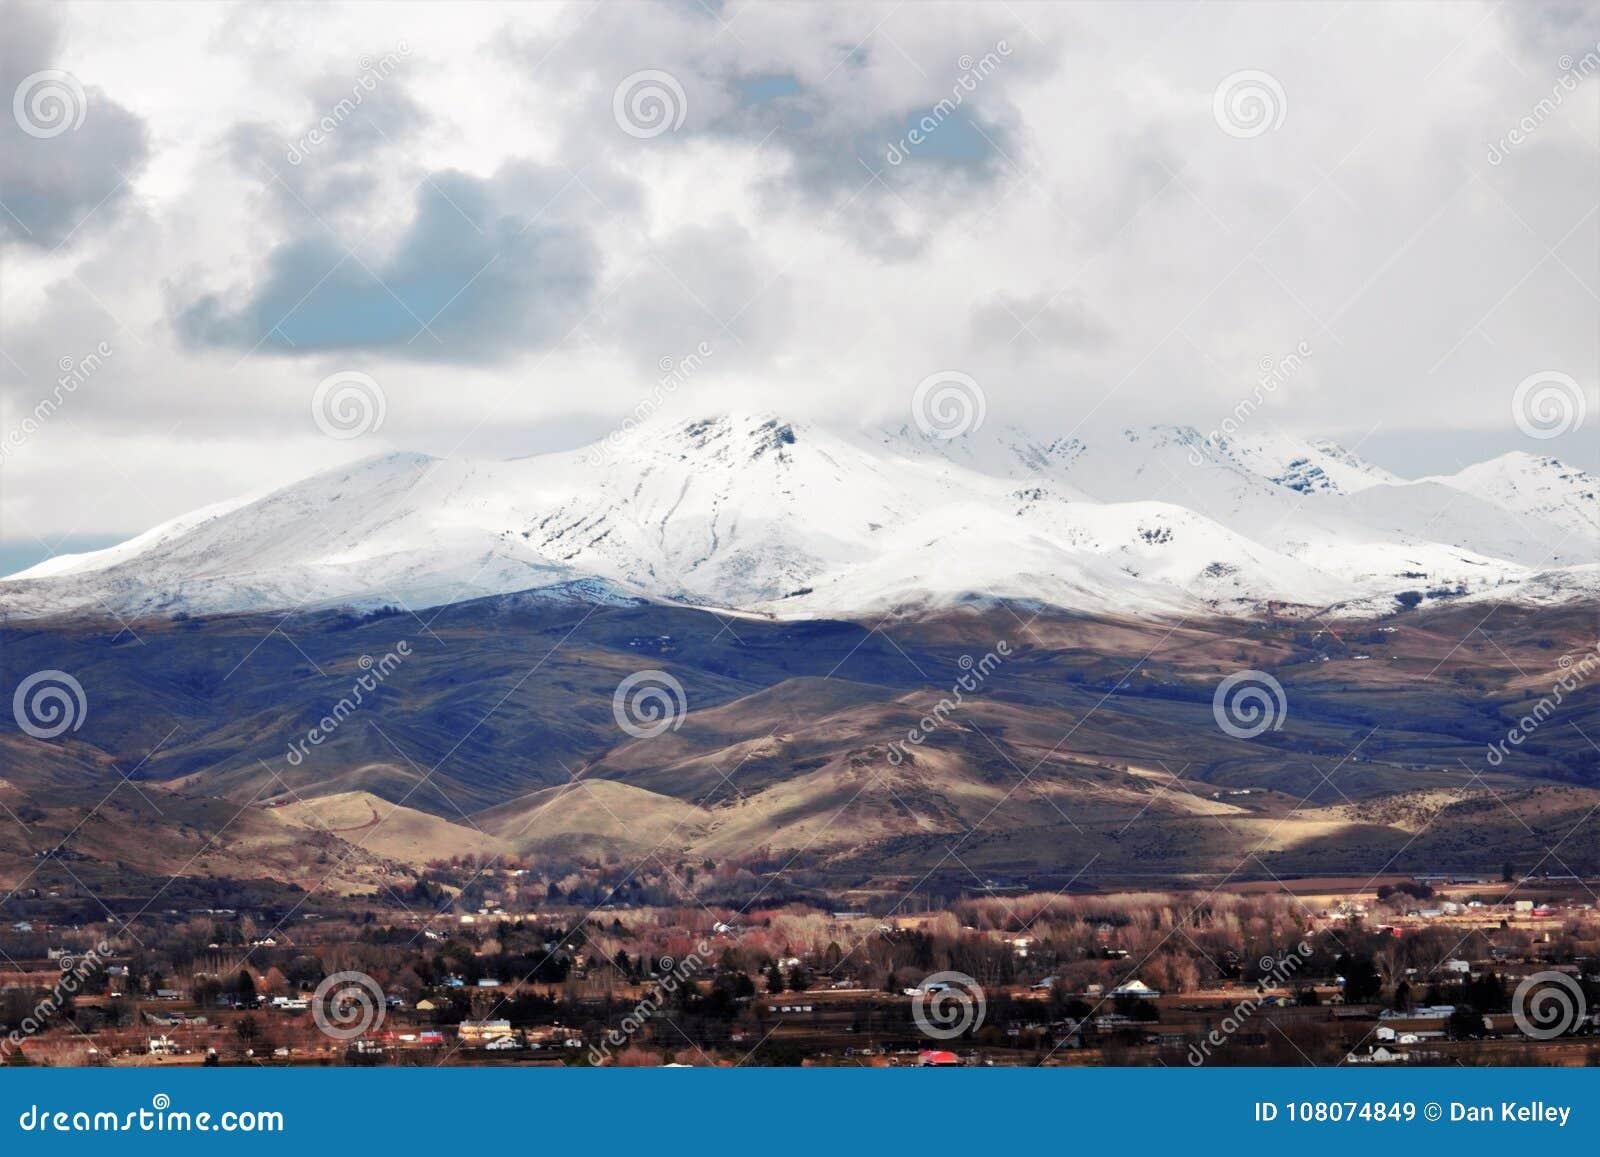 El valle escénico cerca de Emmett, Idaho con nieve capsuló las montañas